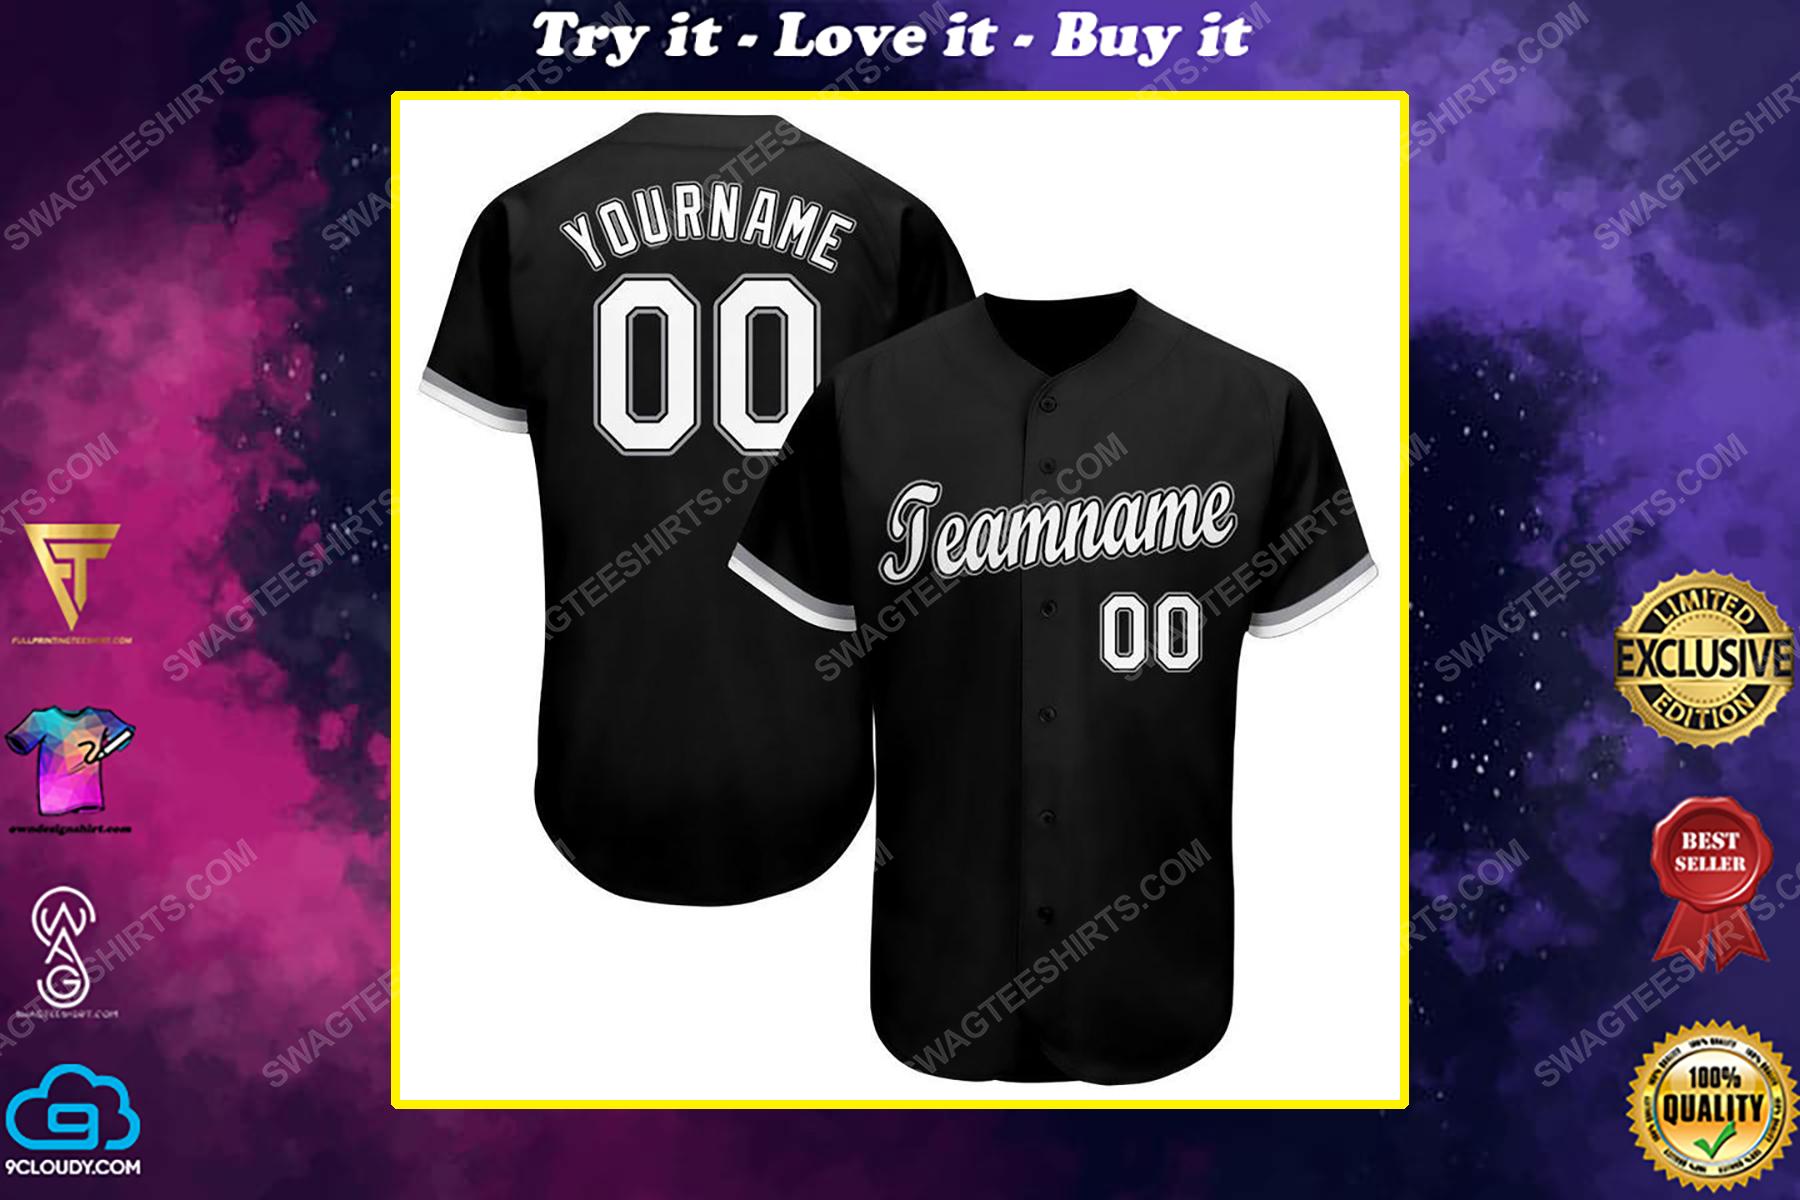 Custom team name chicago white sox mlb full printed baseball jersey